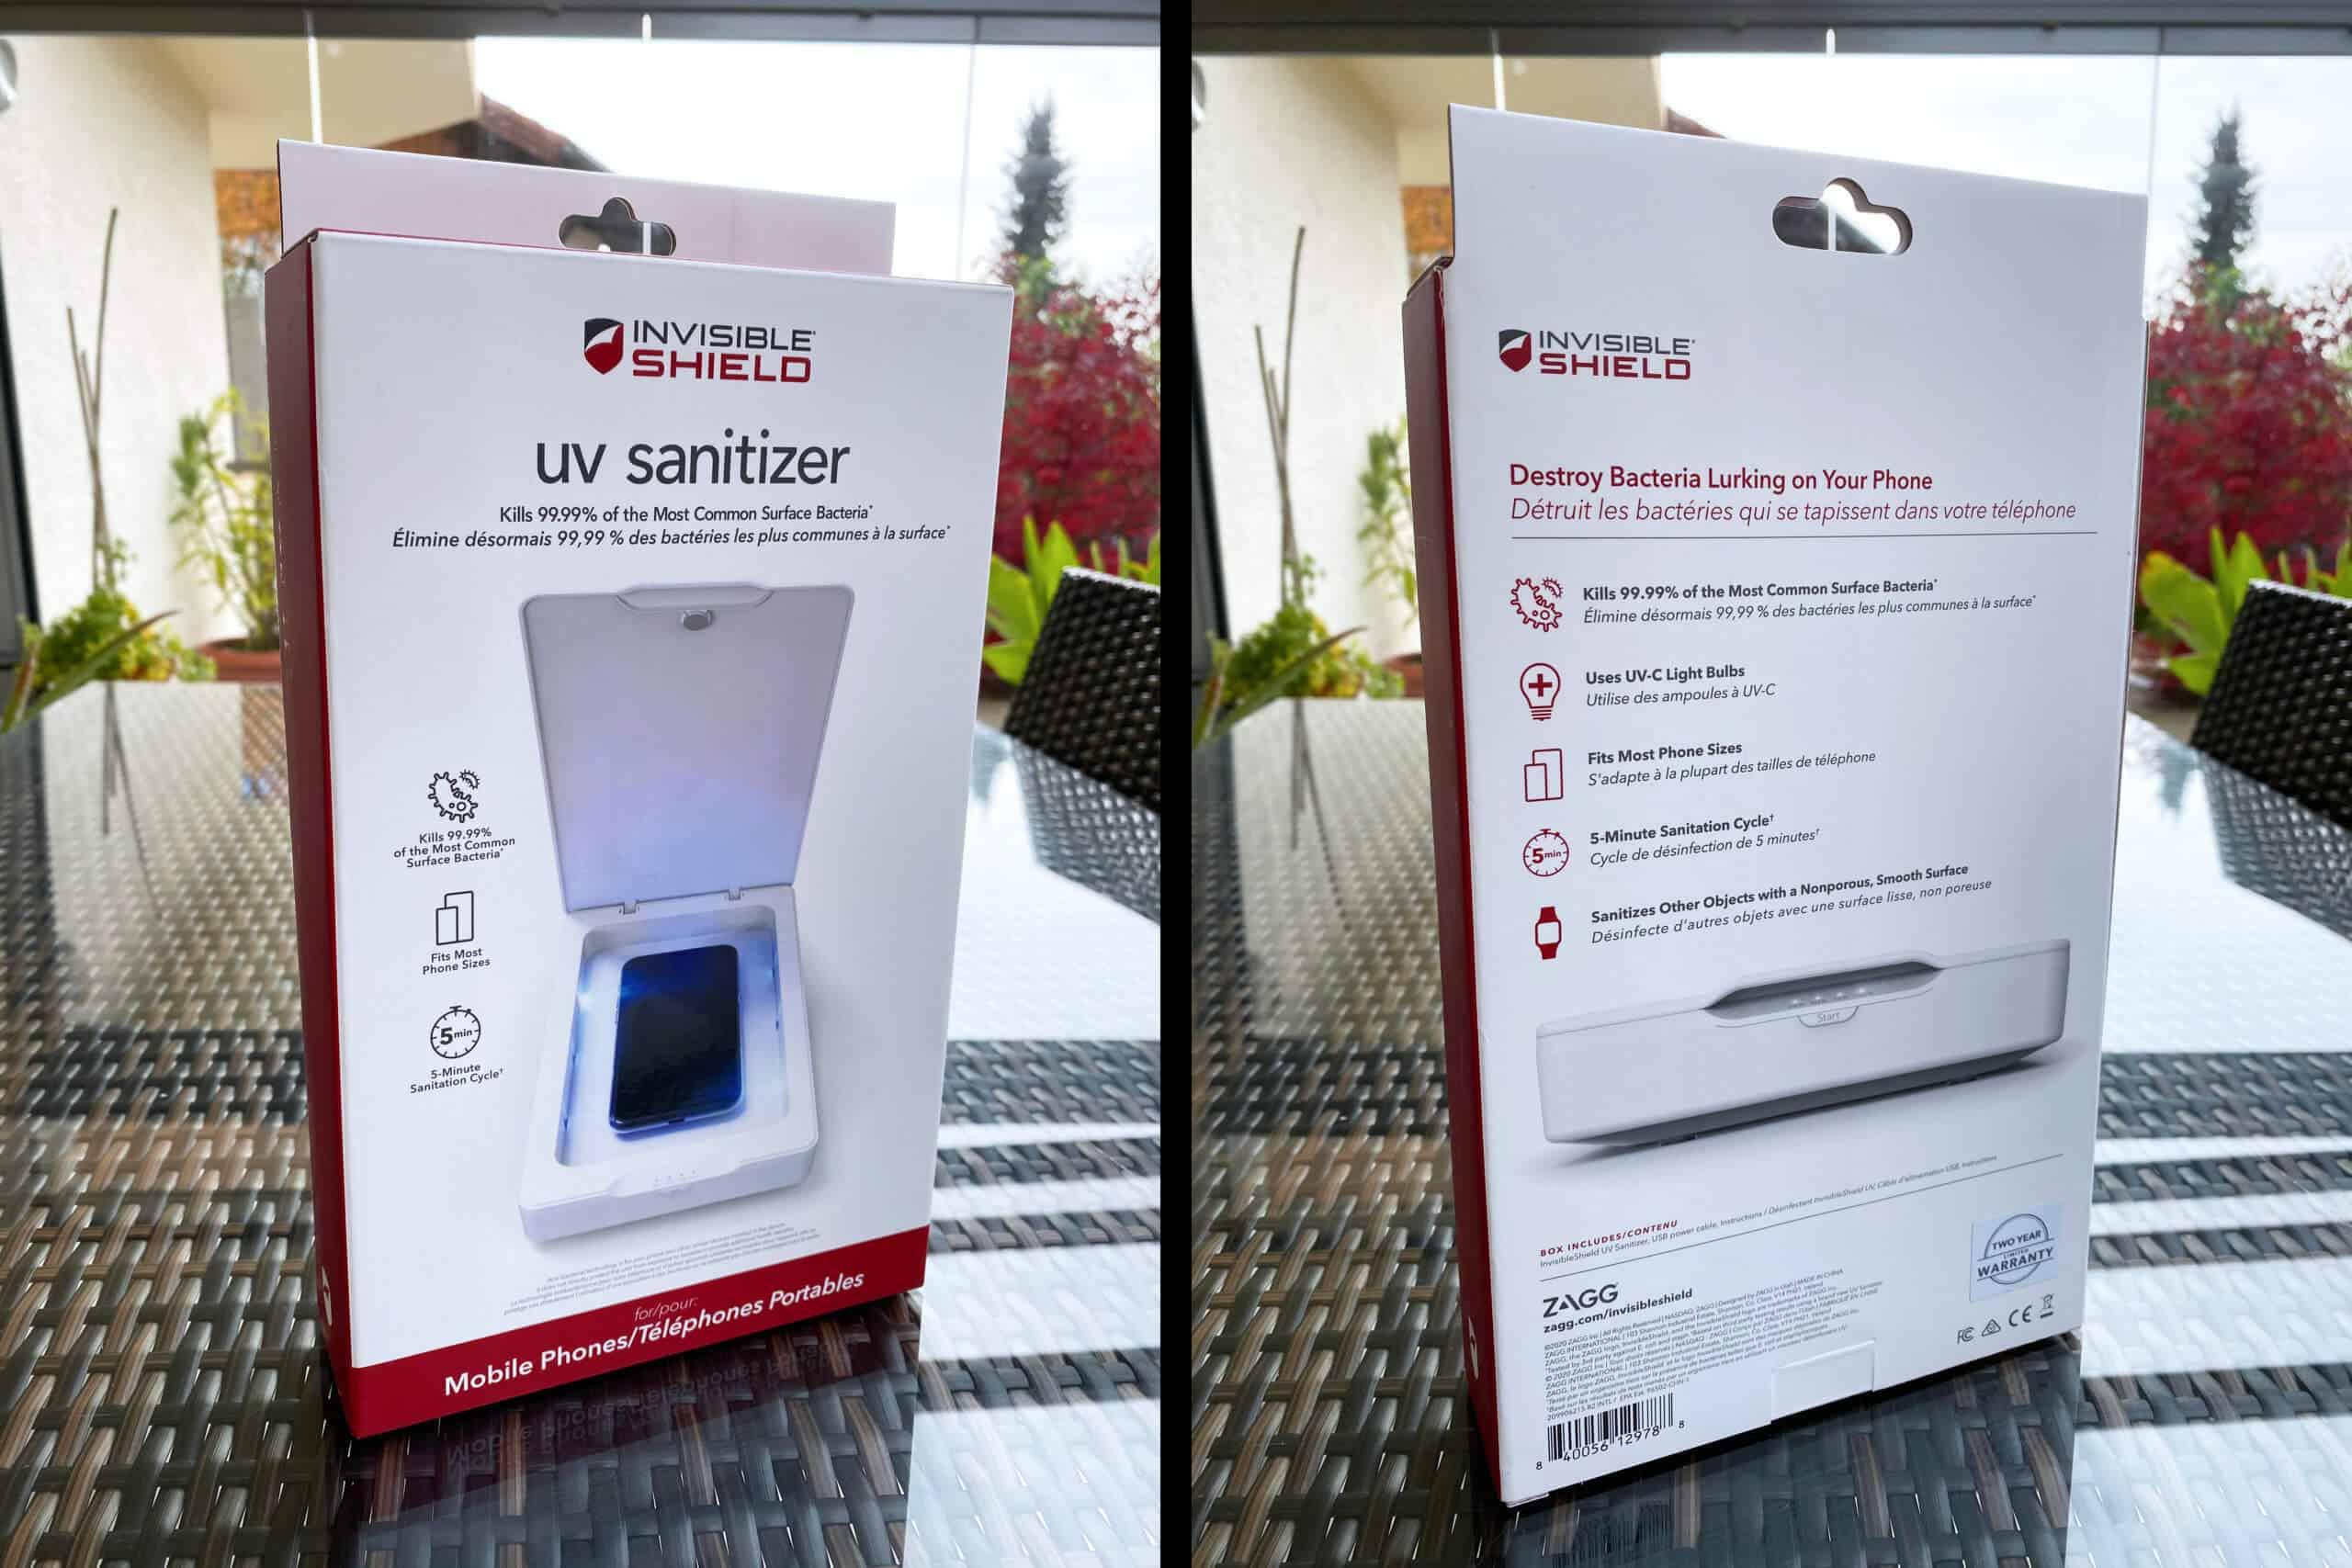 Auf der Verpackung findet man die relevanten Informationen des Sanitizers, inklusive der Desinfektionsversprechen des Herstellers.